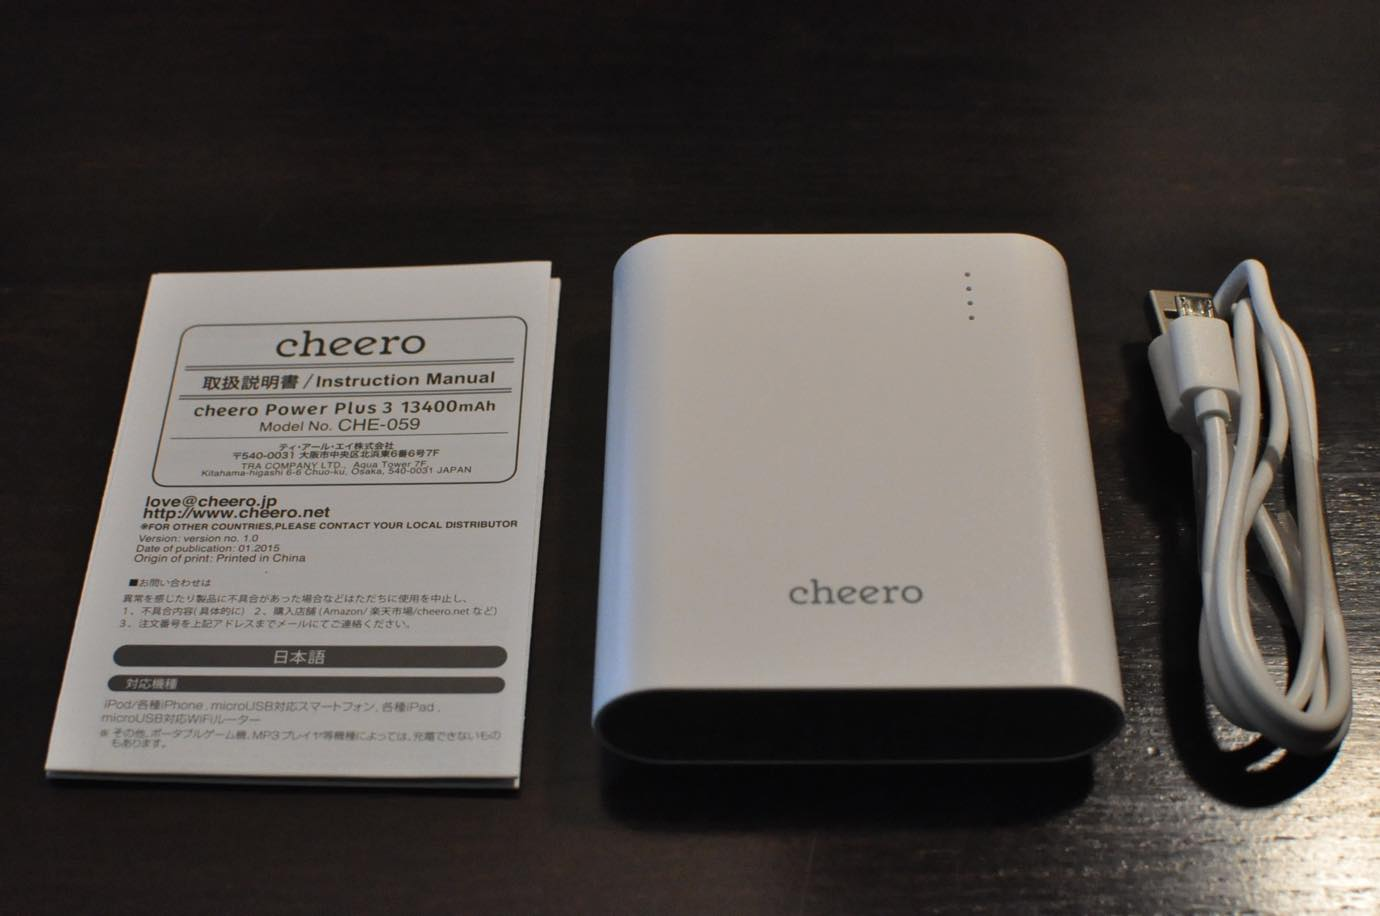 Cheero Power Plus 3 01 20150806 215454